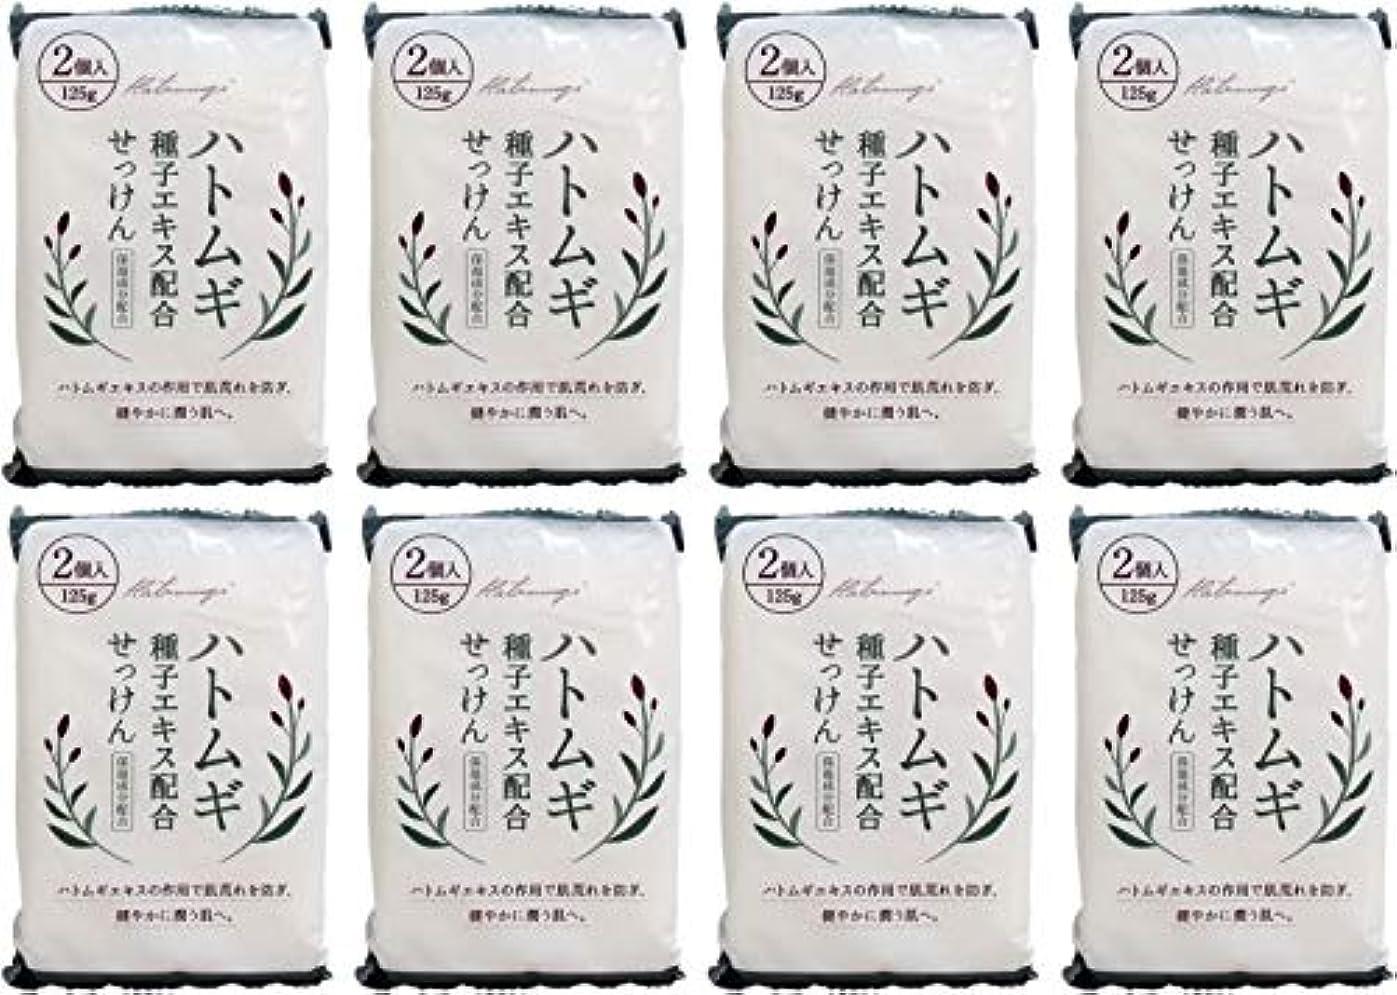 アセ太いミリメートル【まとめ買い】ハトムギ種子エキス配合石けん 125g*2コ入【×8個】